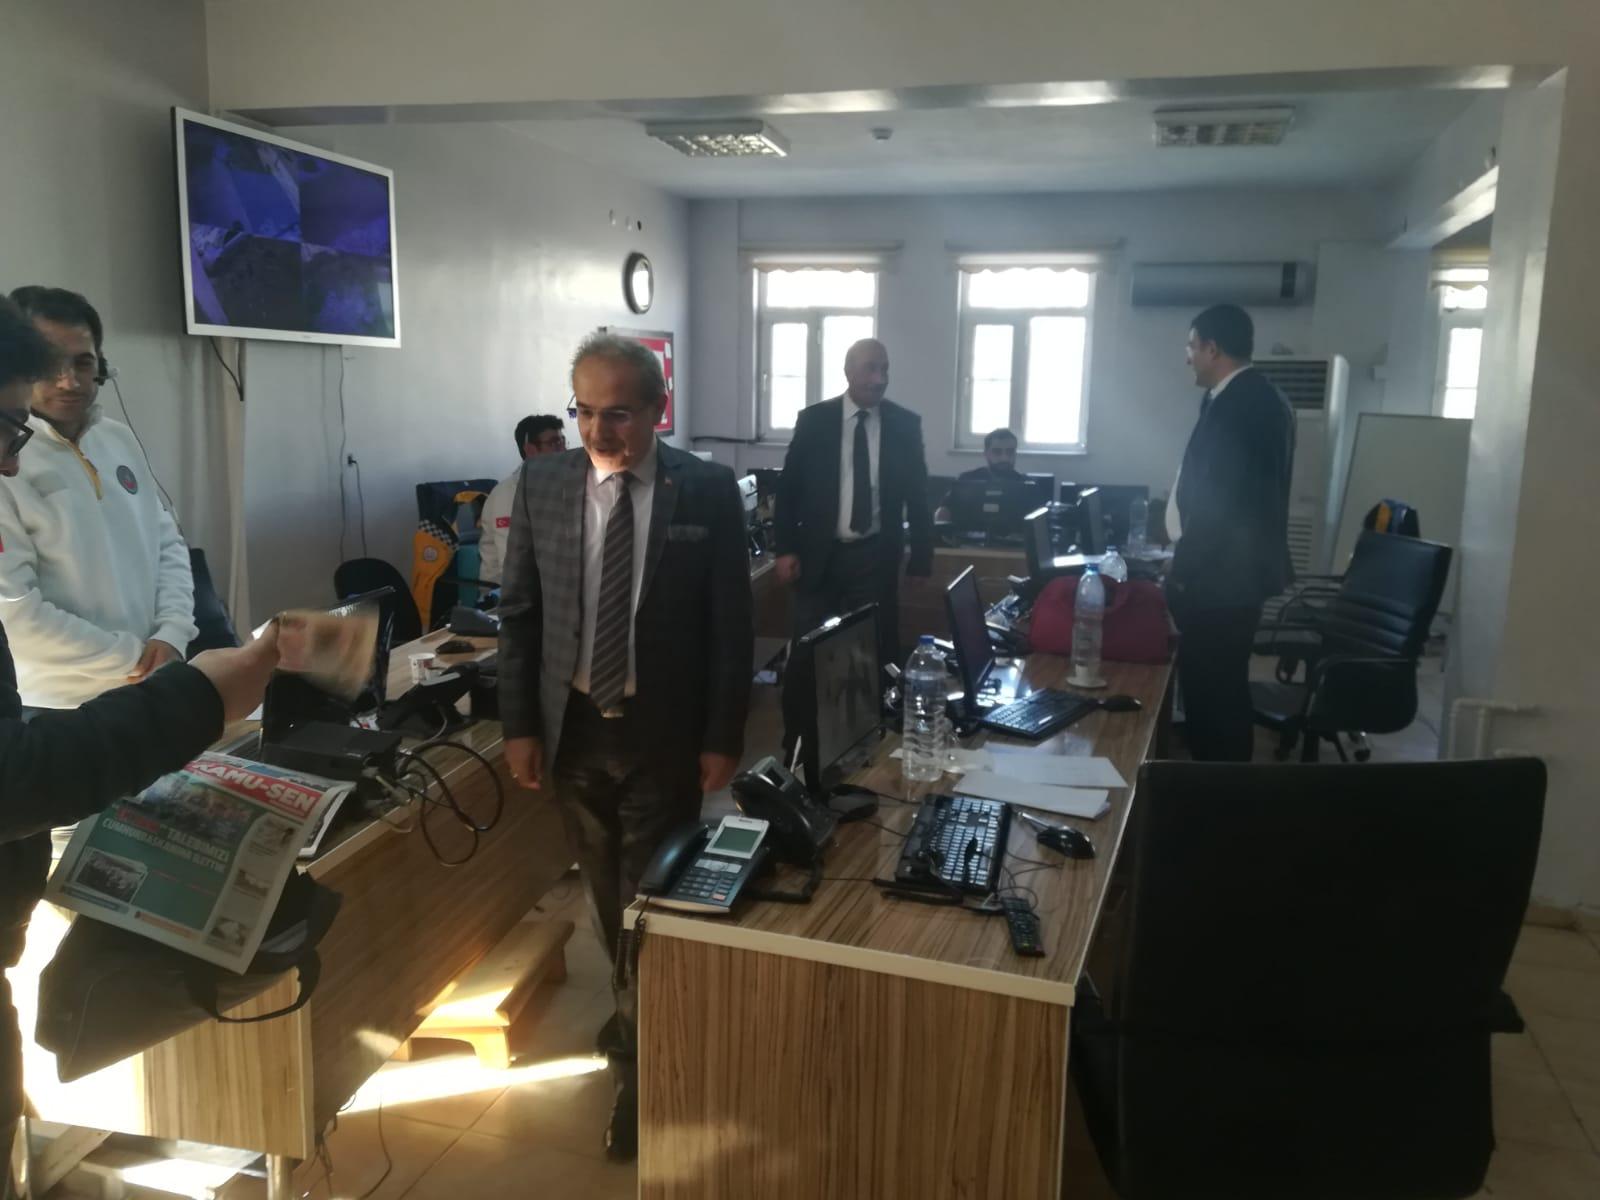 Genel Başkan Yardımcılarımız Kenan Karaçam ve Mustafa Köse sendikal çalışmalar kapsamında Mardin'i ziyaret ederek teşkilatımız ve çalışanlarla bir araya geldiler.